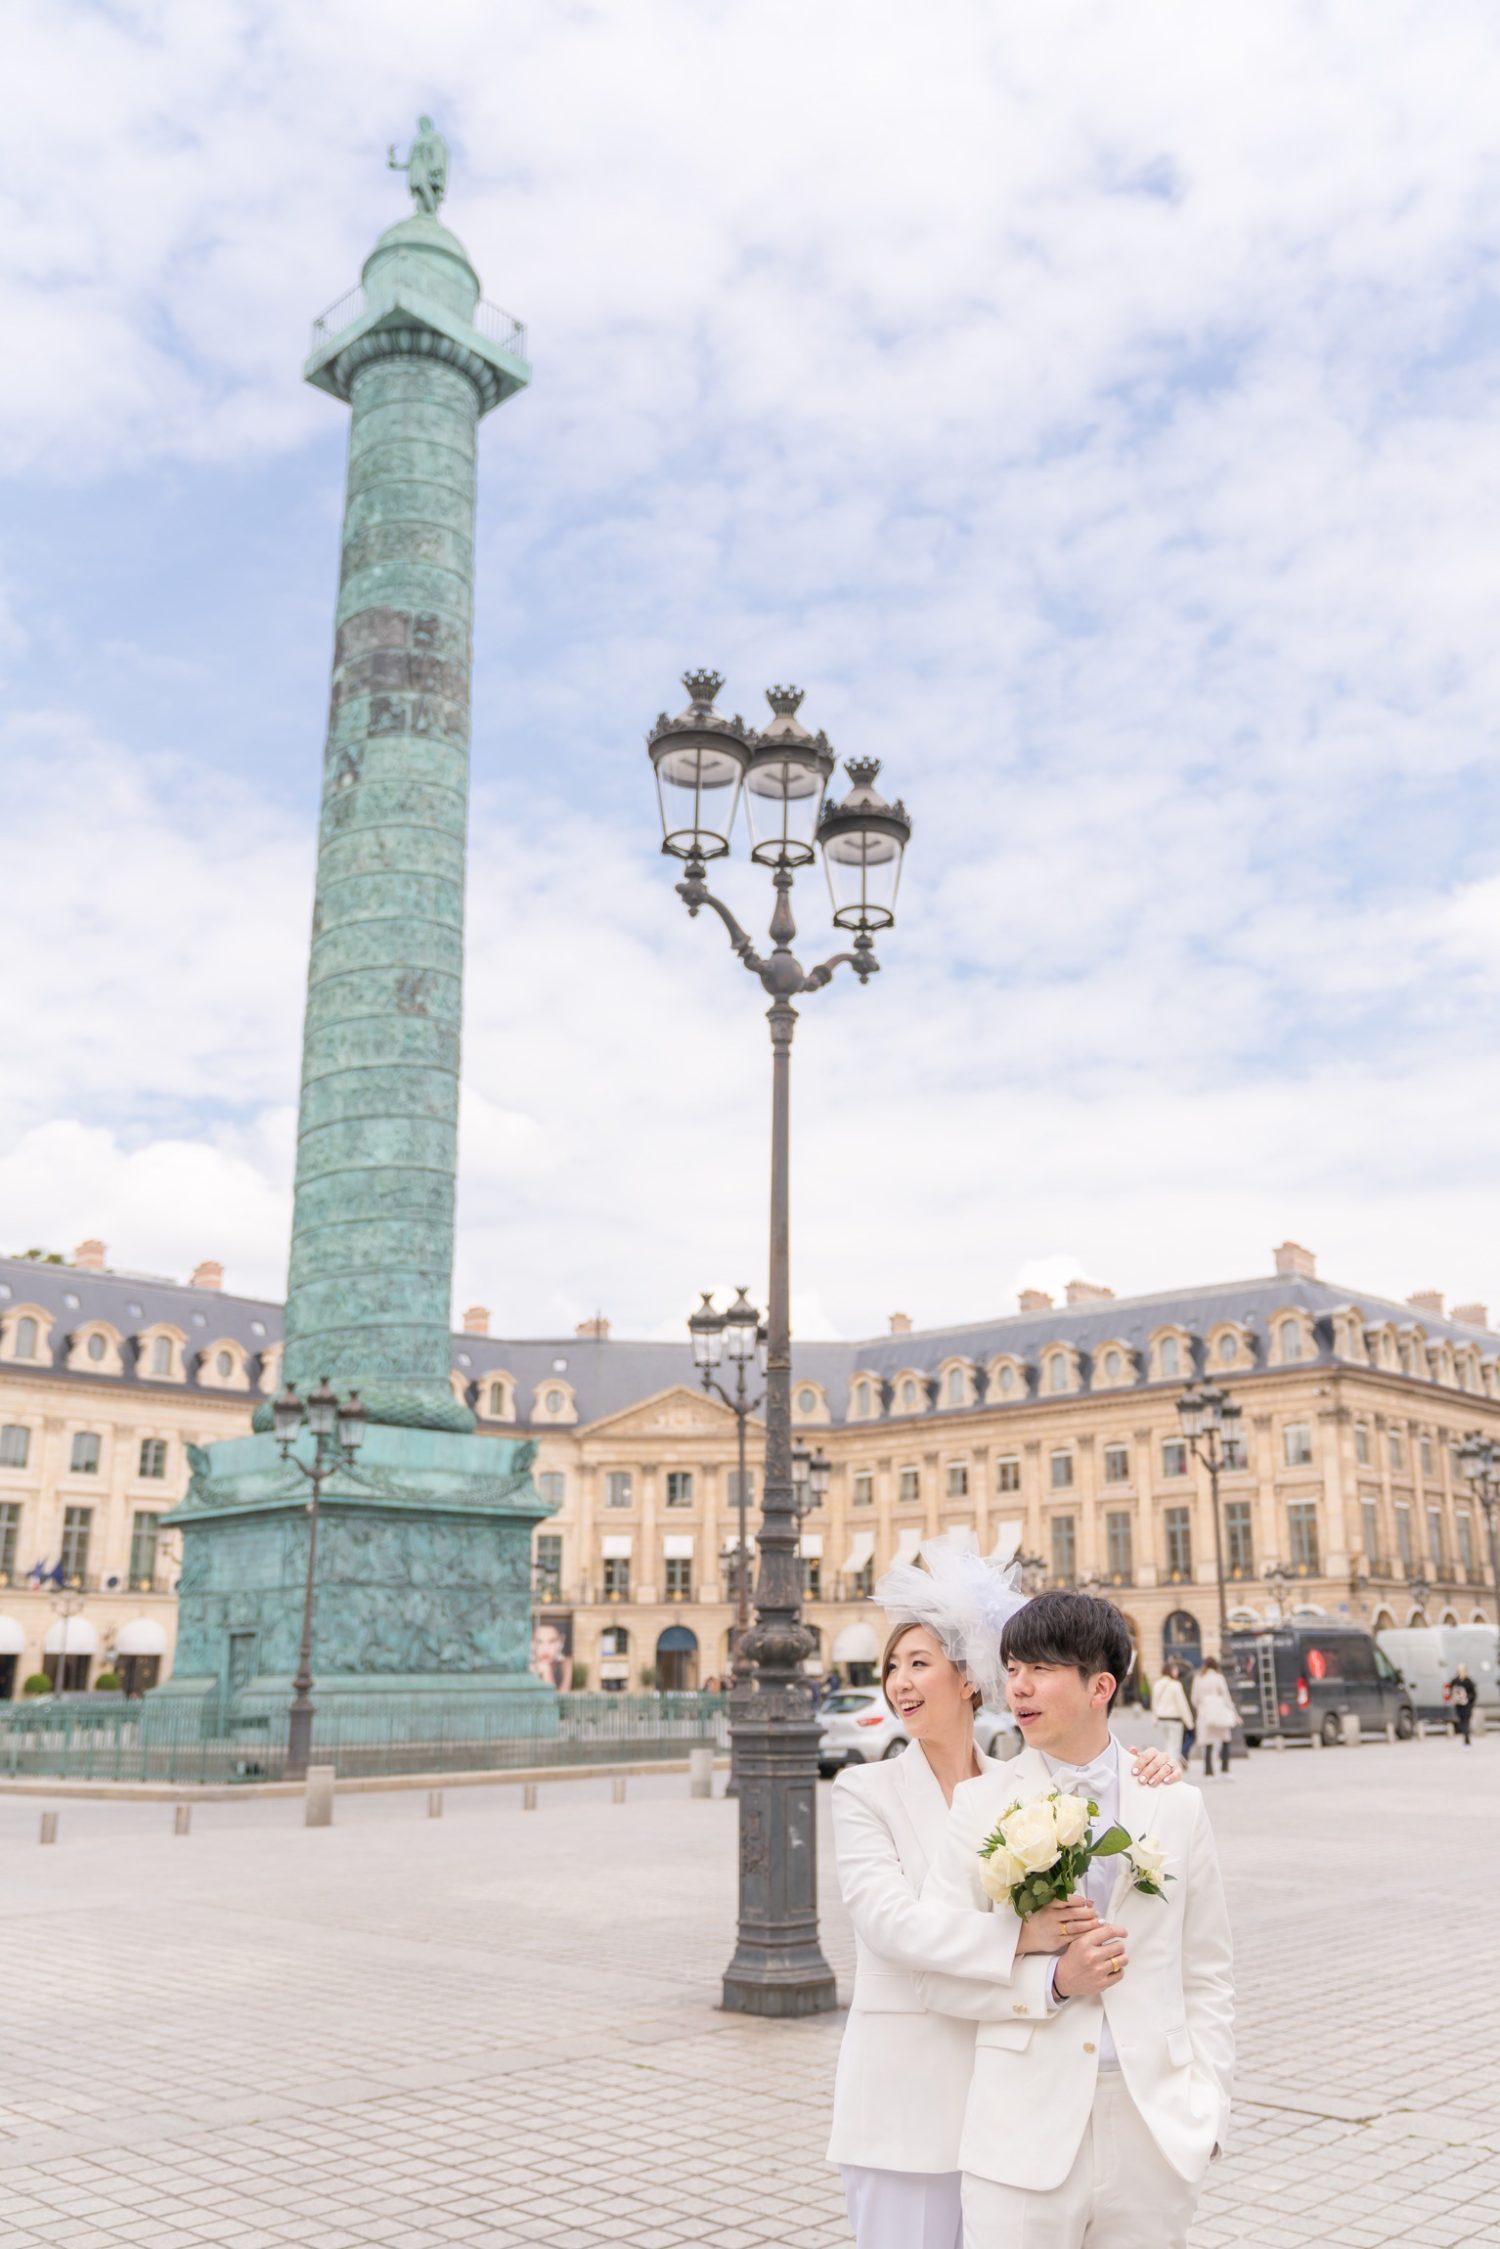 スーツ姿のウェディングフォトもパリの街並みにマッチしてオシャレ